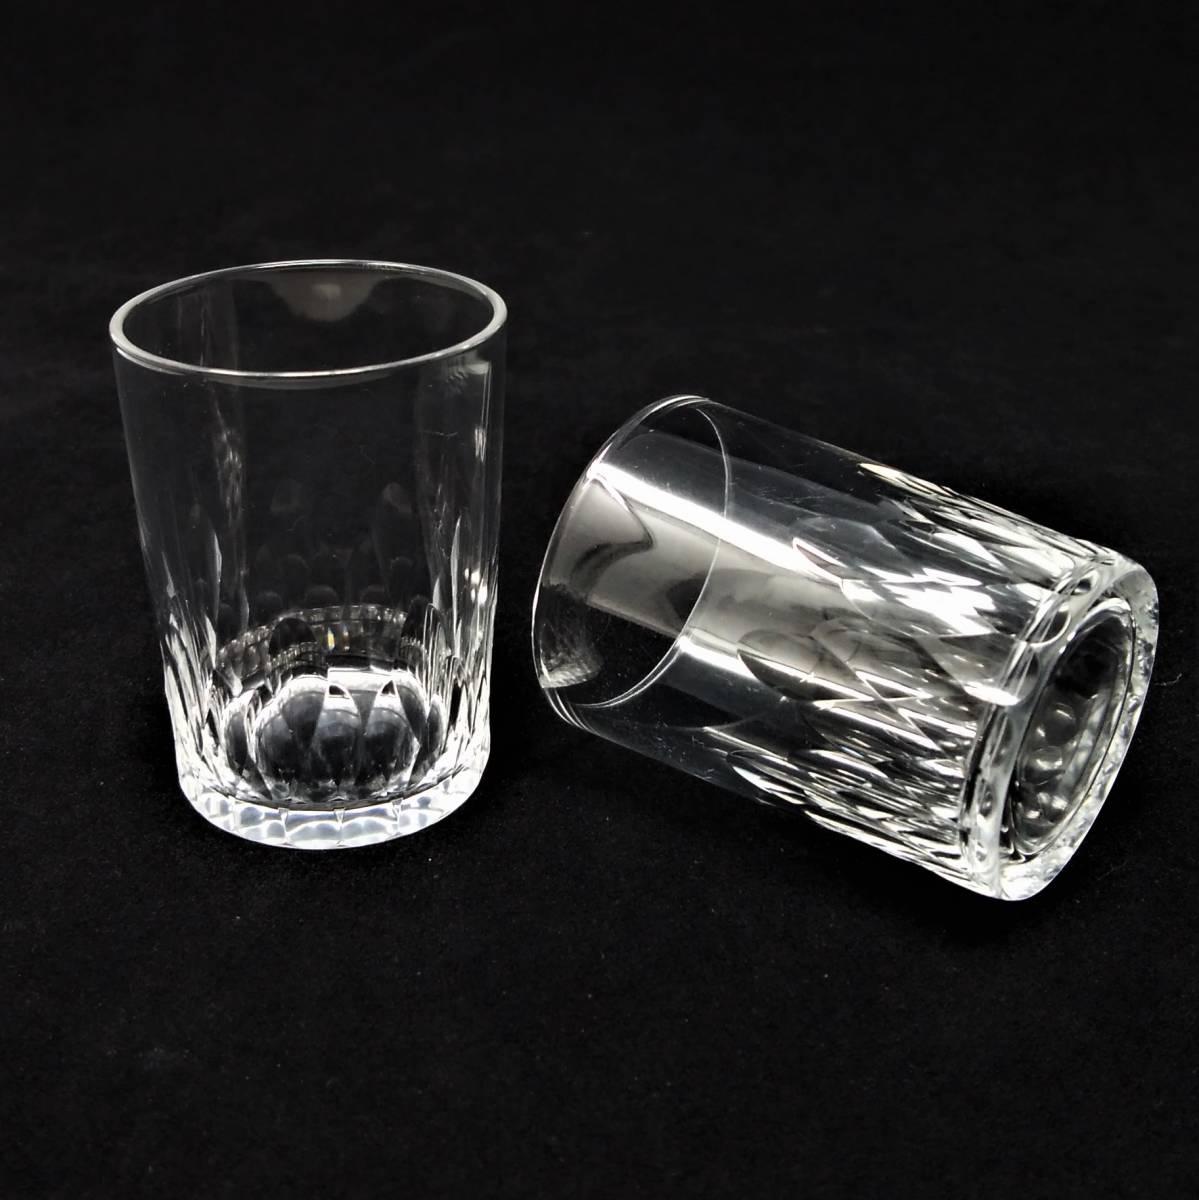 バカラ BACCARAT リシュリュー Richelieu ショットグラス リキュールグラス 2客セット H4.7cm 087◆冷酒 クリスタル タンブラー ゴブレット_画像2